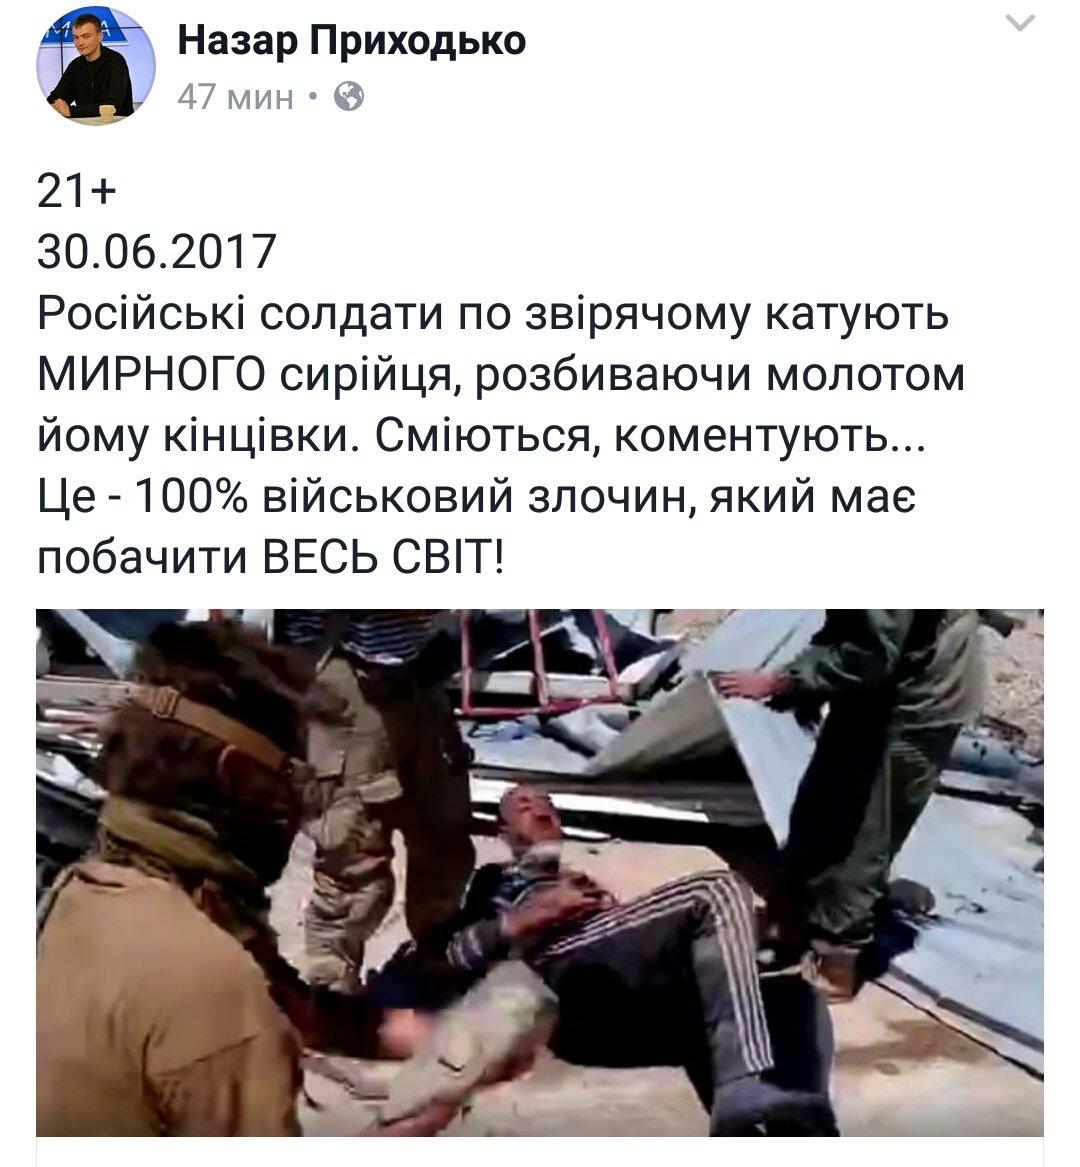 К задержанному в Италии украинскому военнослужащему Маркиву не пускают дипломатов, мотивируя это его итальянским гражданством, - нардеп Антонищак - Цензор.НЕТ 123